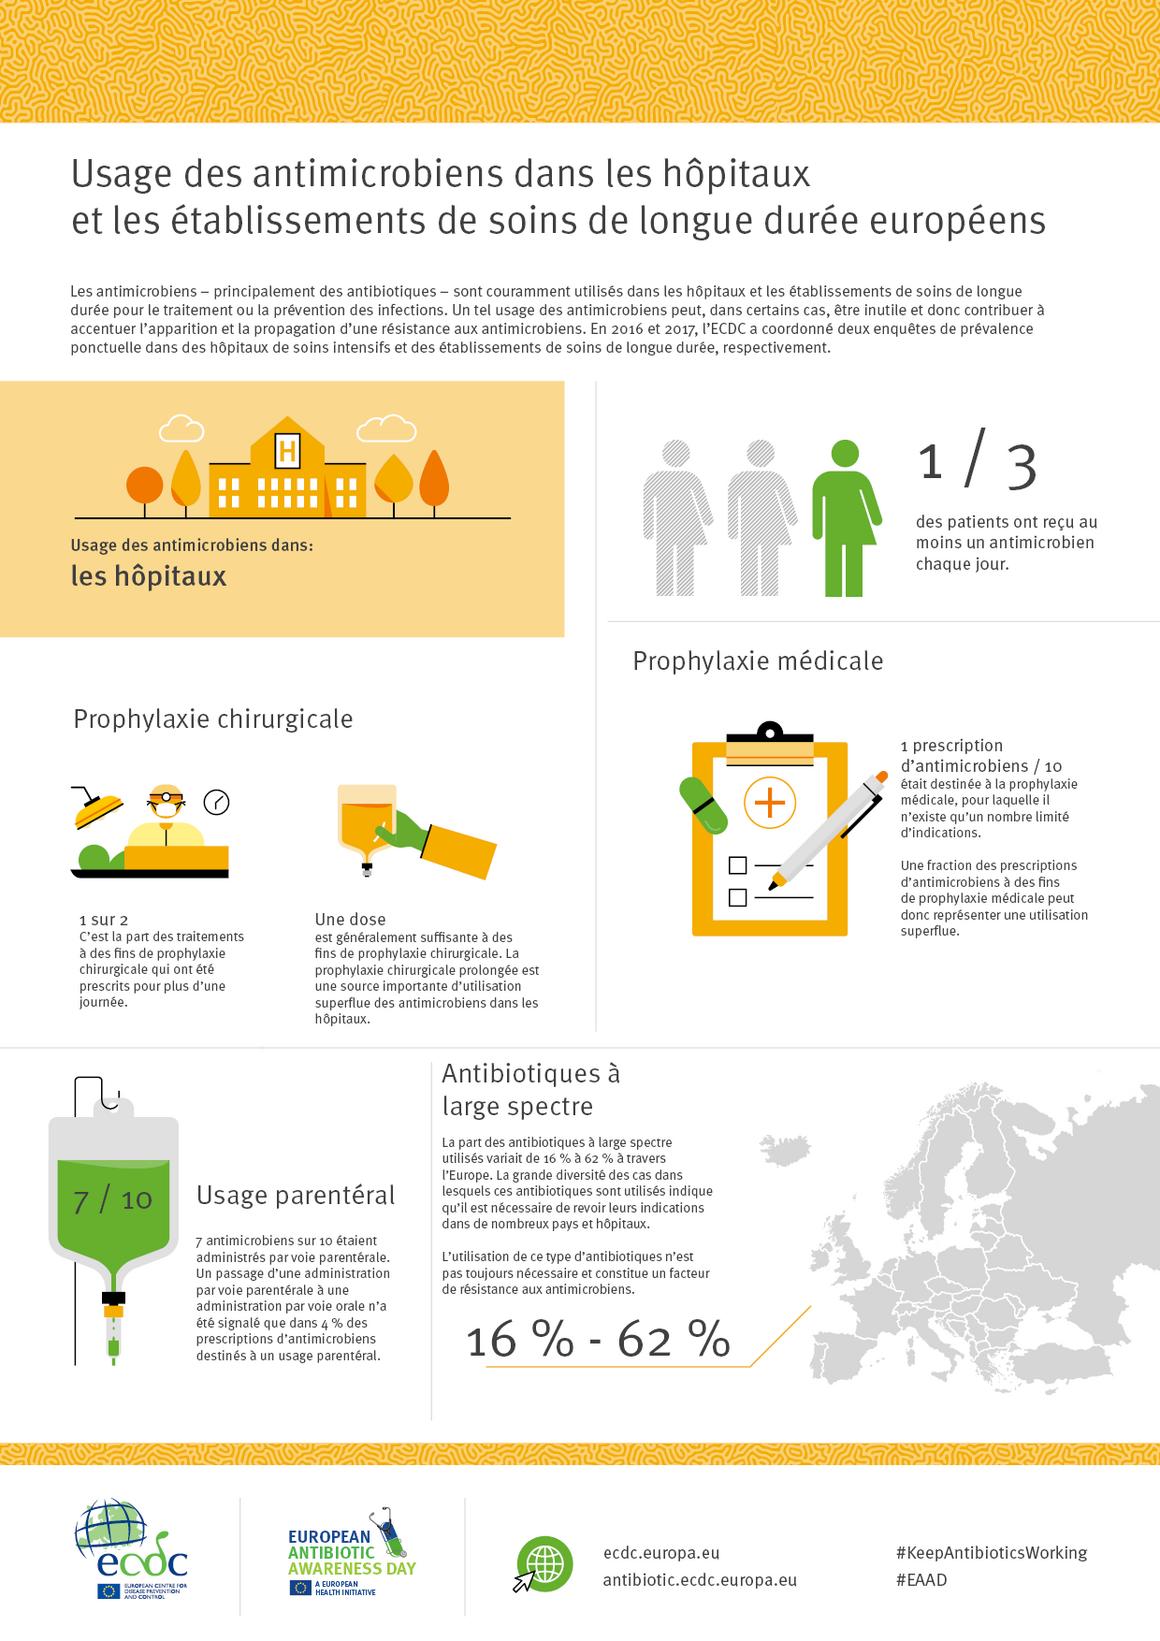 Usage des antimicrobiens dans les hôpitaux et les établissements de soins de longue durée européens